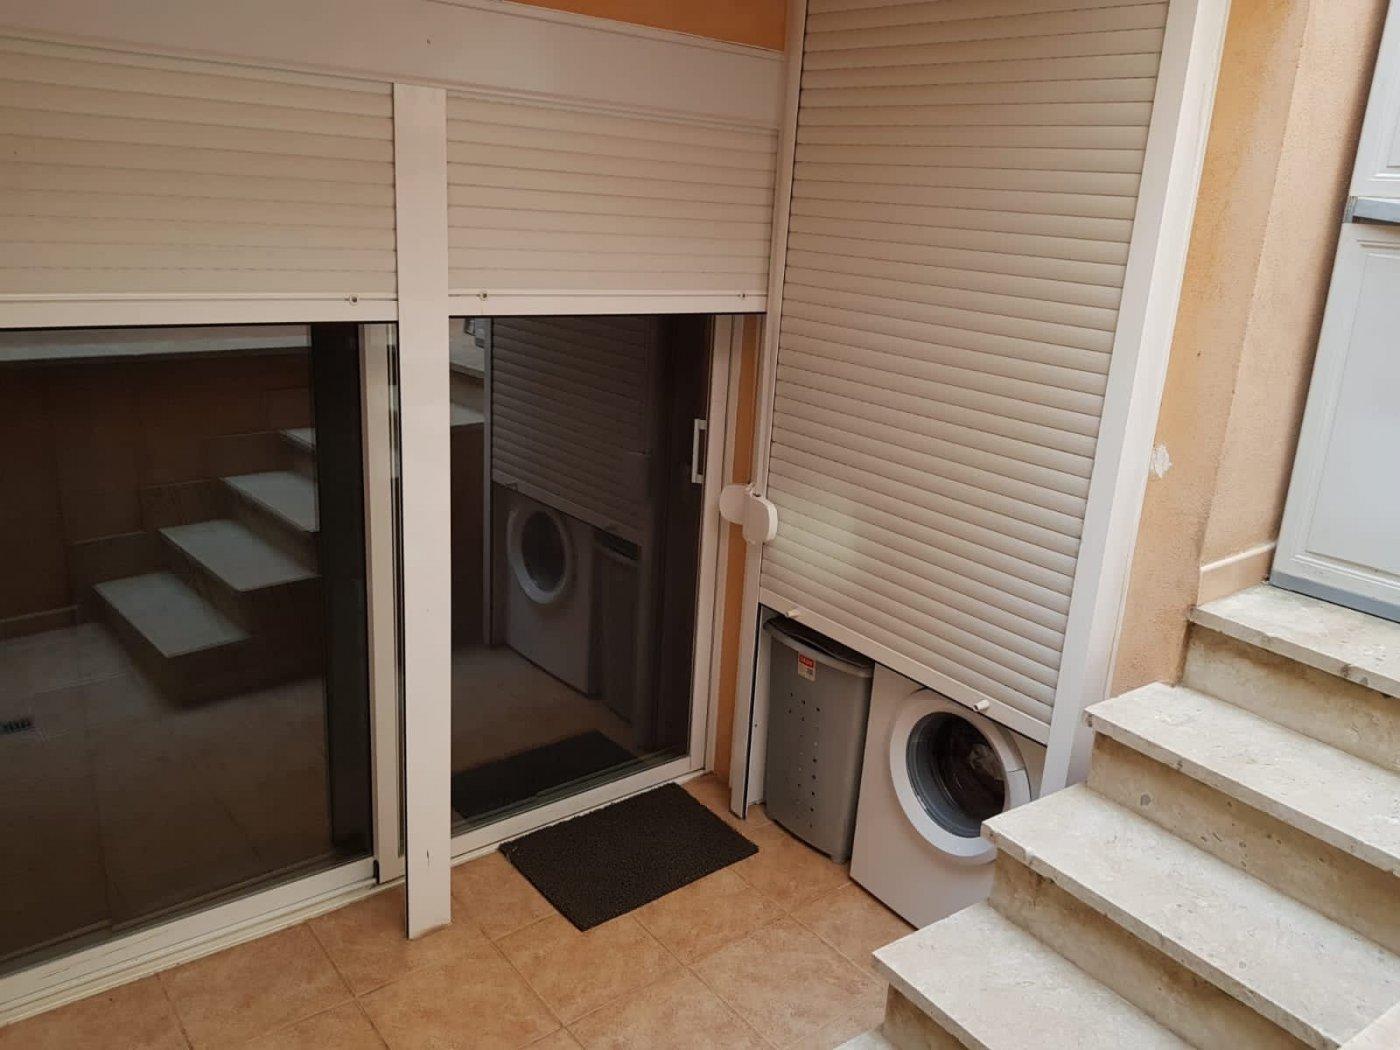 Se vende bonito apartamento semi nuevo con parking en andratx - imagenInmueble20